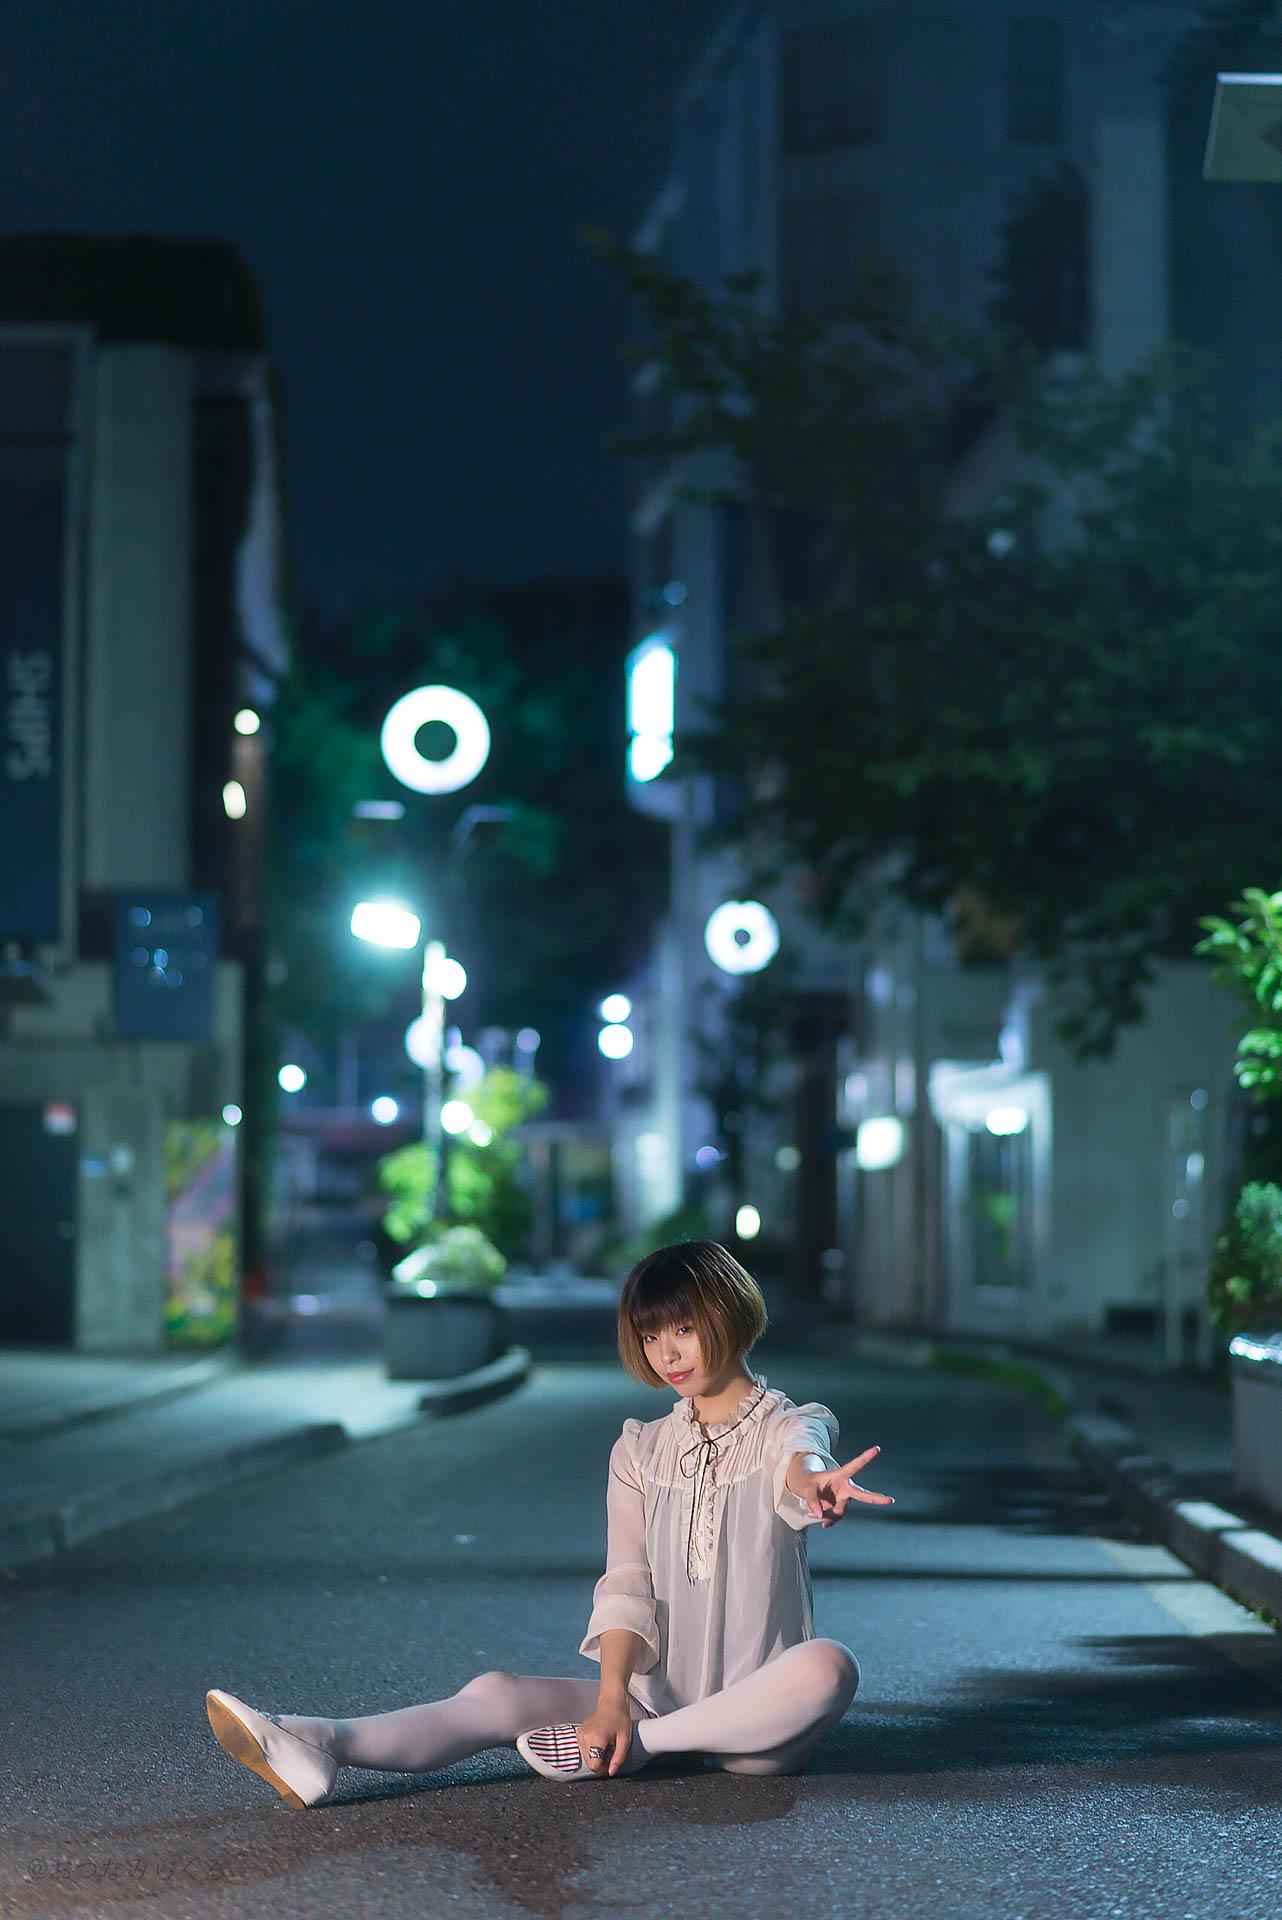 ポートレート 東京 ナイトストリート